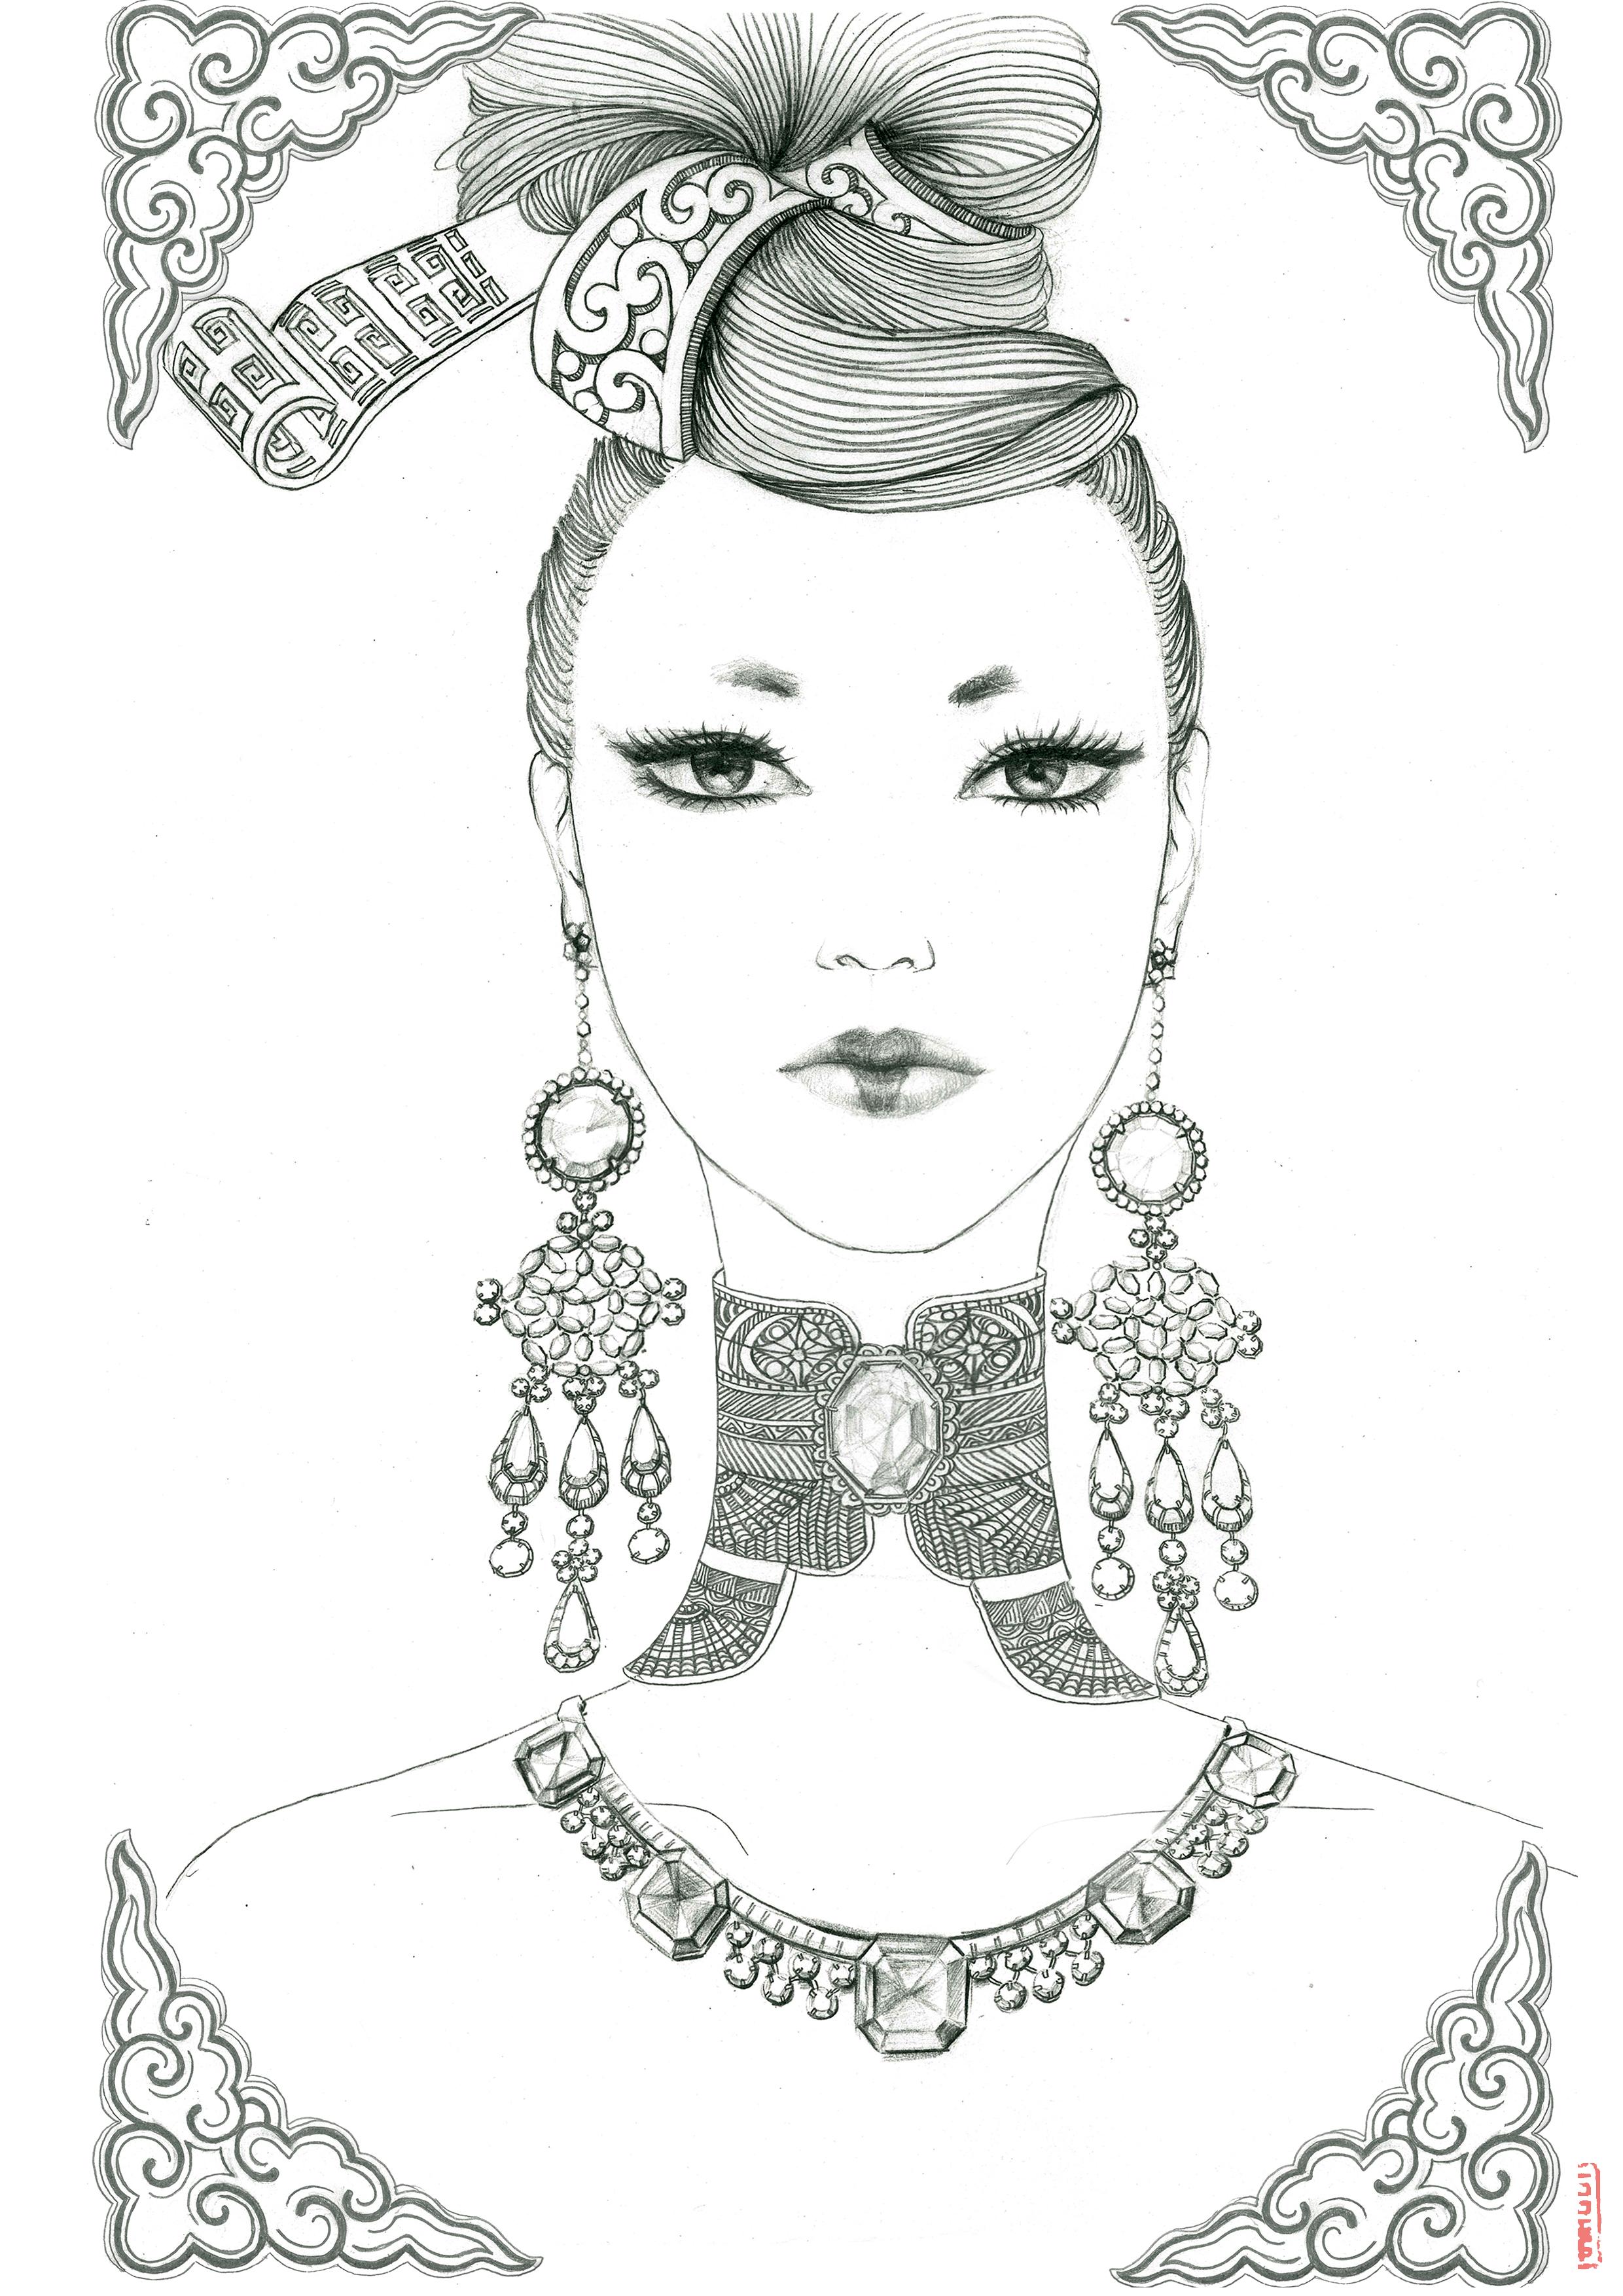 毕业设计-《再现大唐》铅笔手绘|插画|商业插画|龙璐